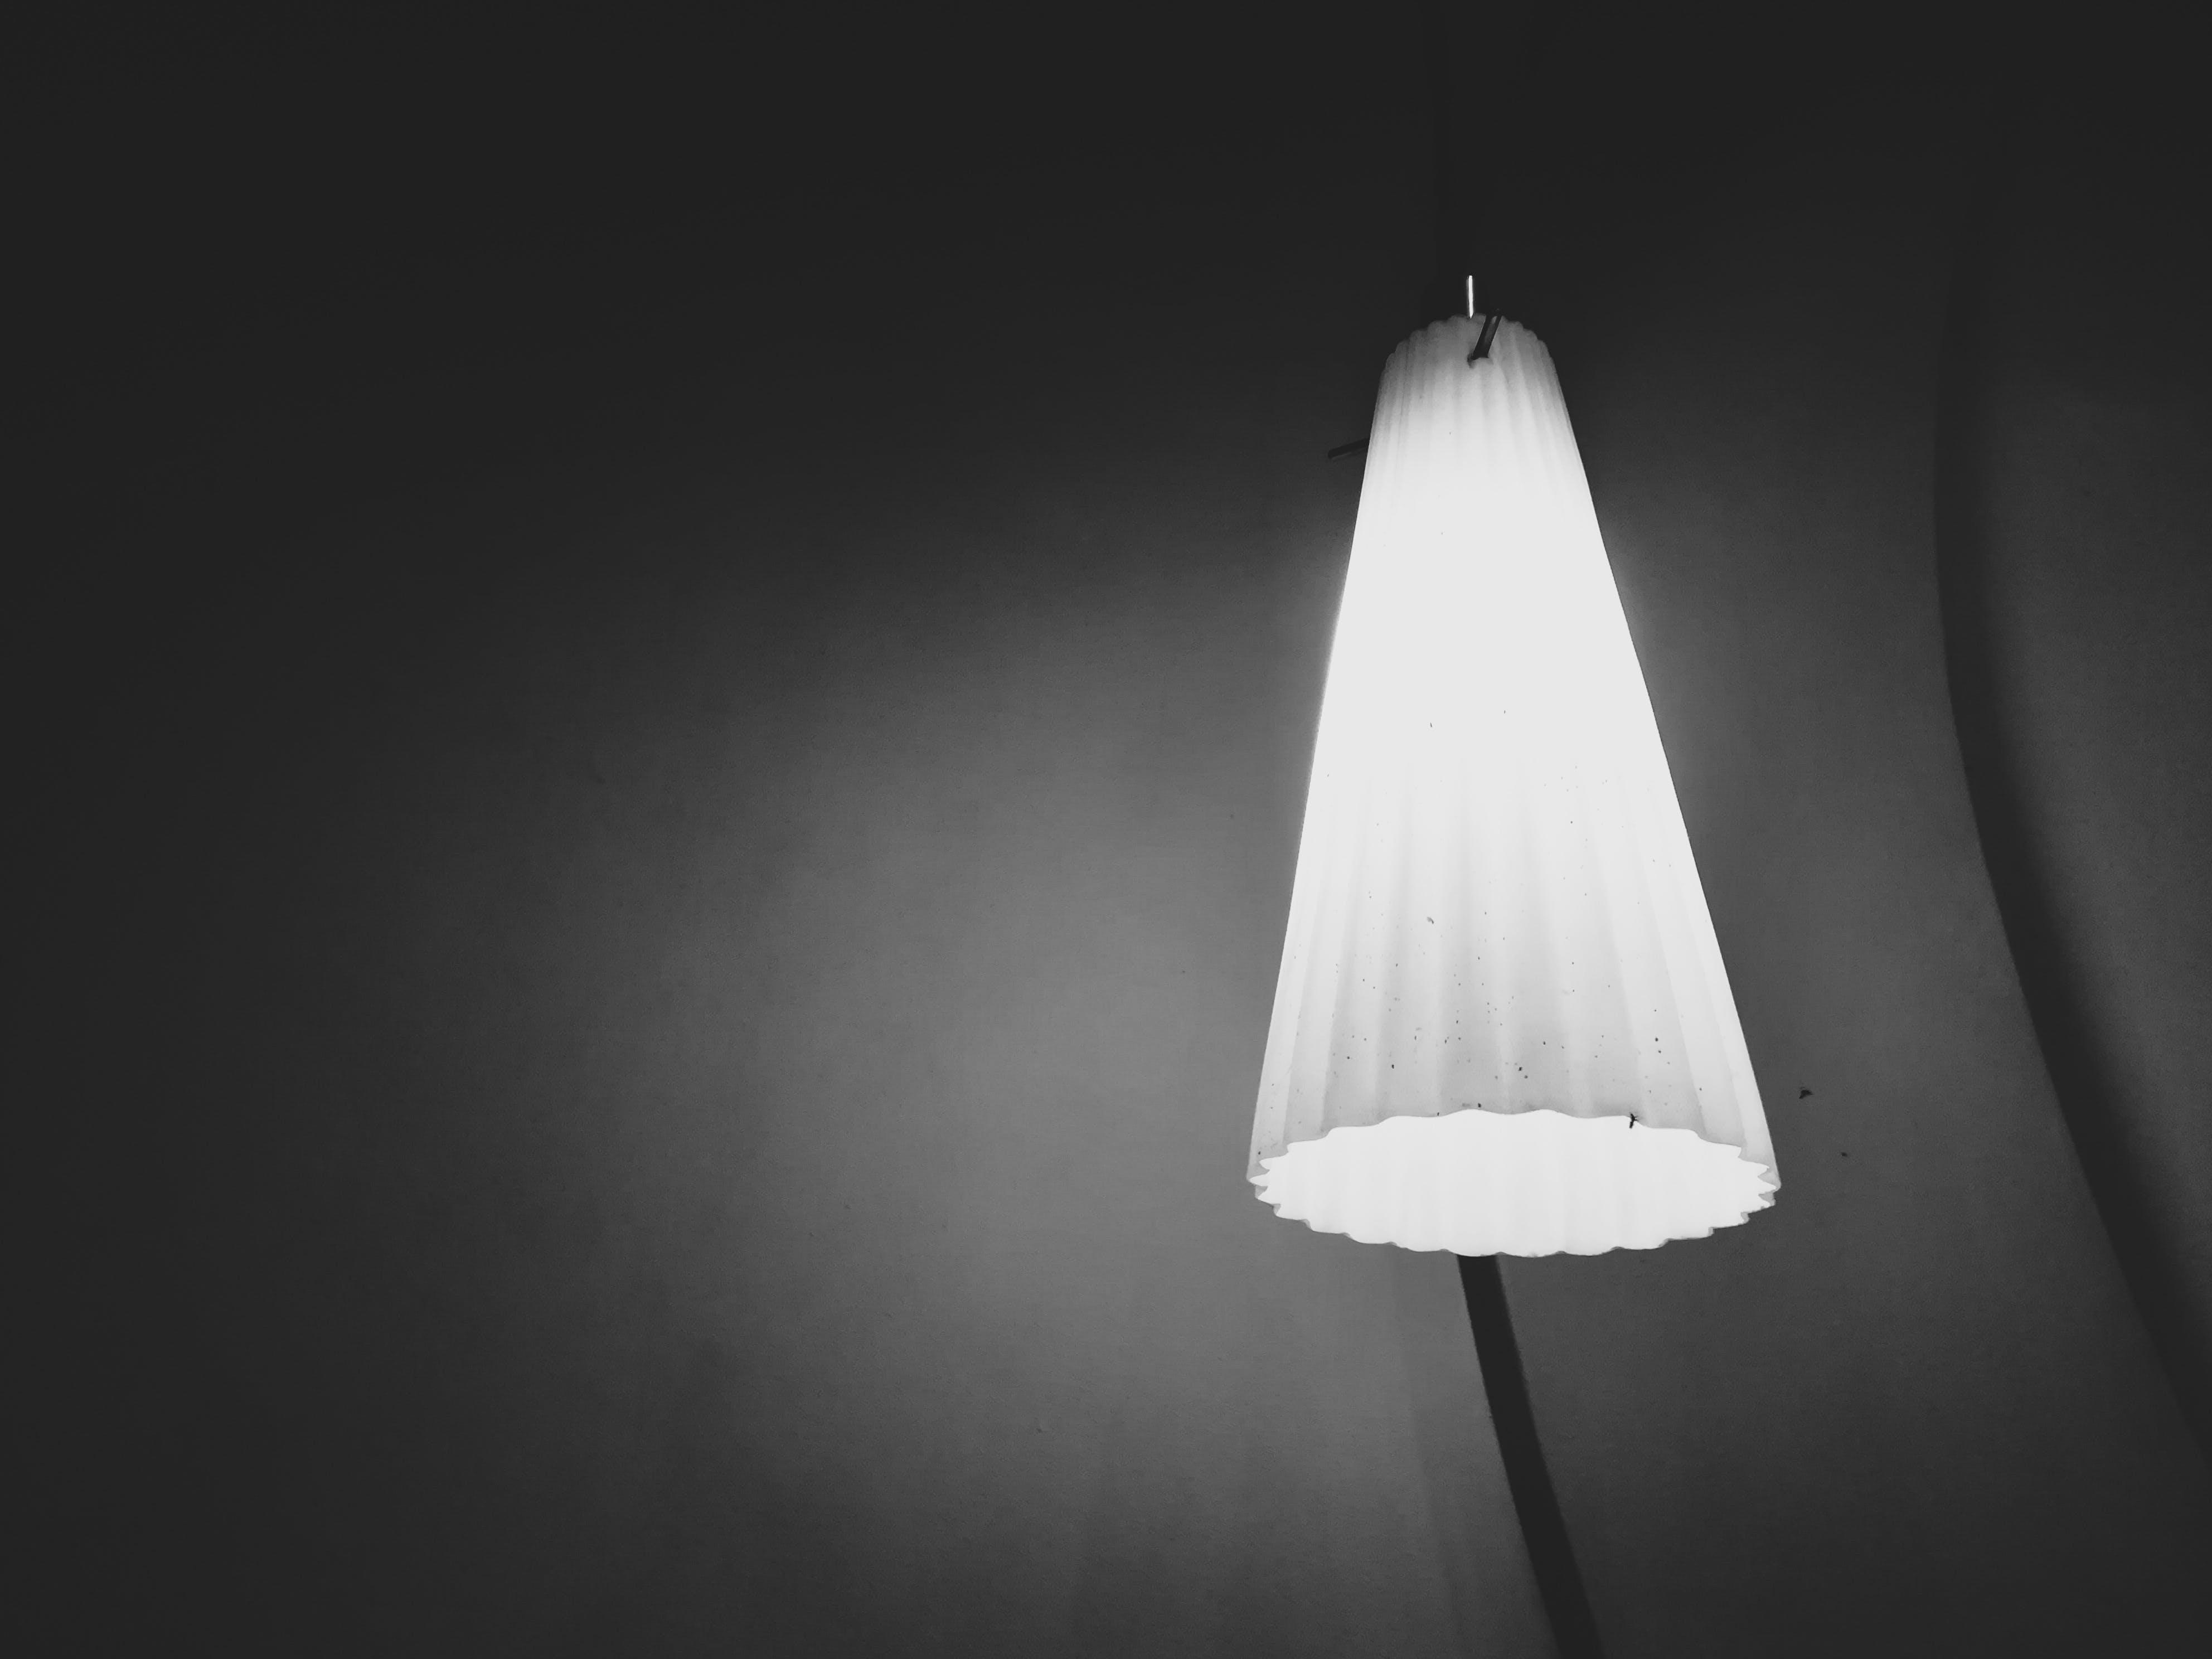 Kostenloses Stock Foto zu deckenlampe, dunkel, glühbirne, philippinen